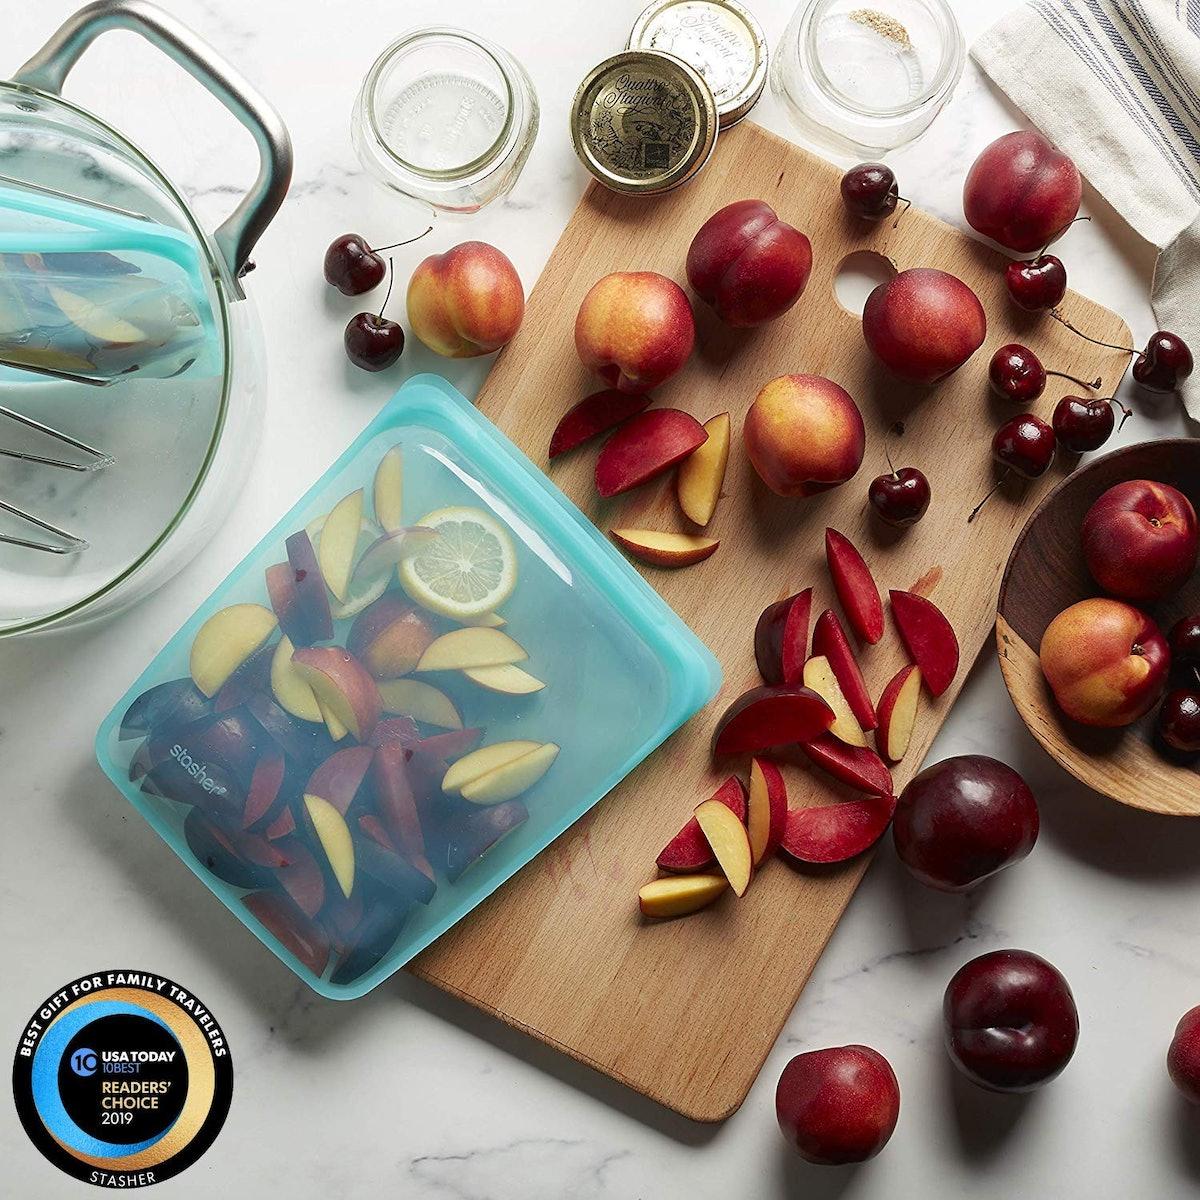 Stasher Reusable 1/2-Gallon Food Storage Bag